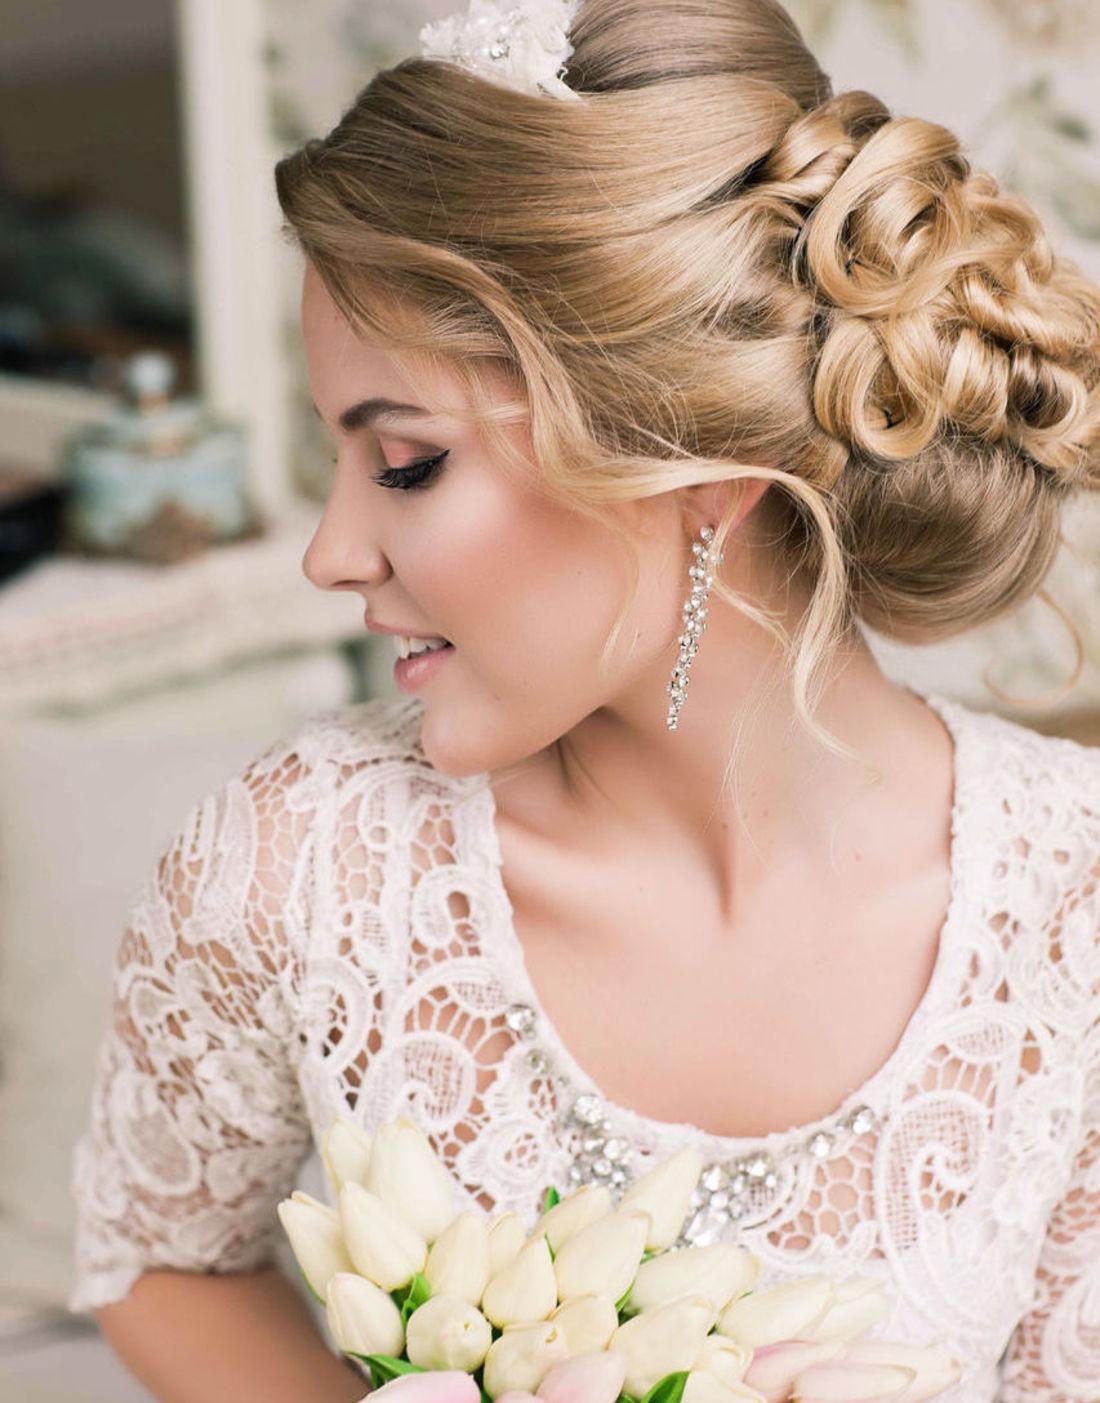 Прическа для свадьбы на средние волосы фото